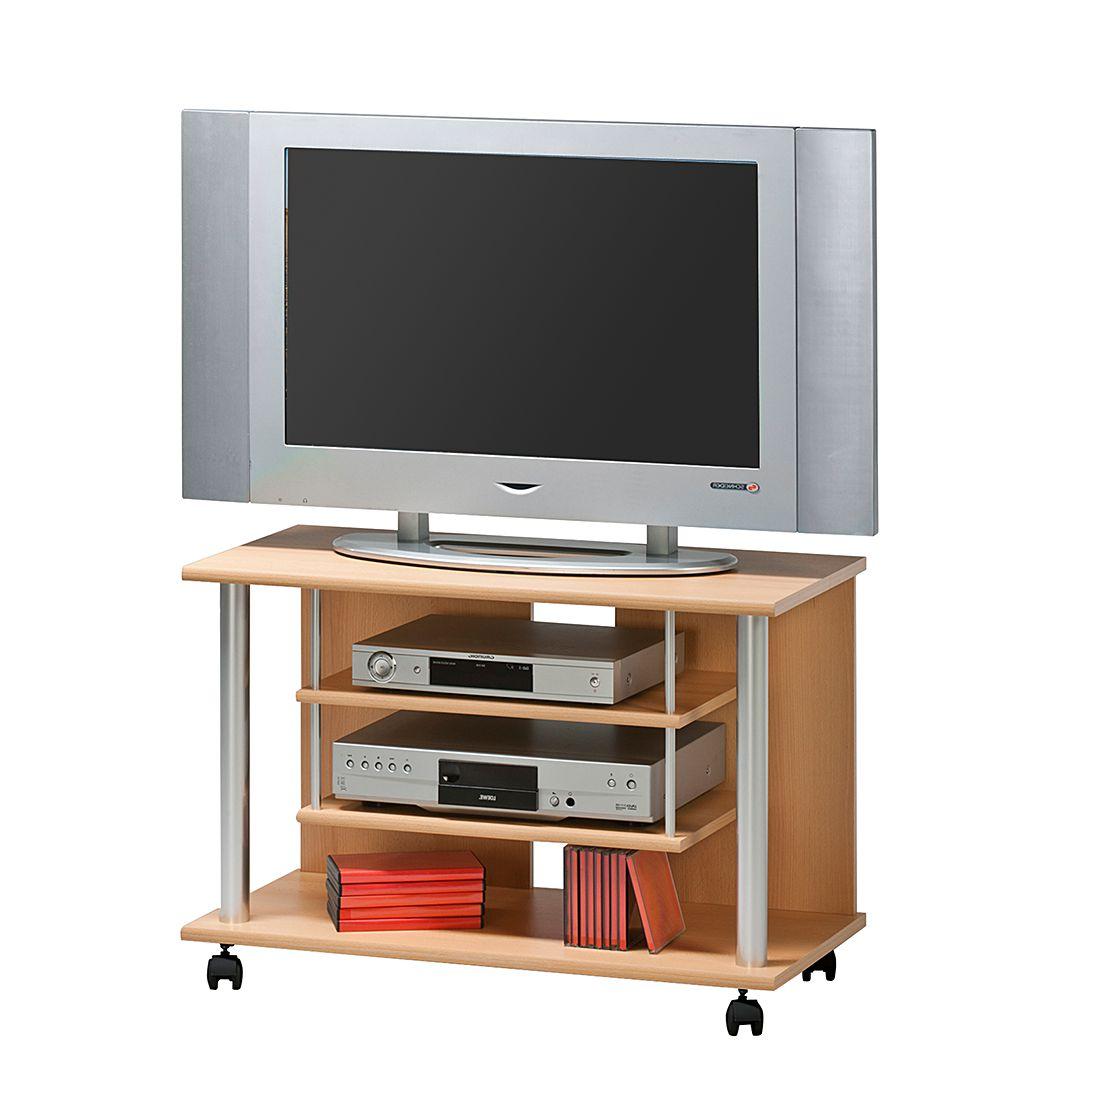 home24 TV-Rack Margot günstig online kaufen